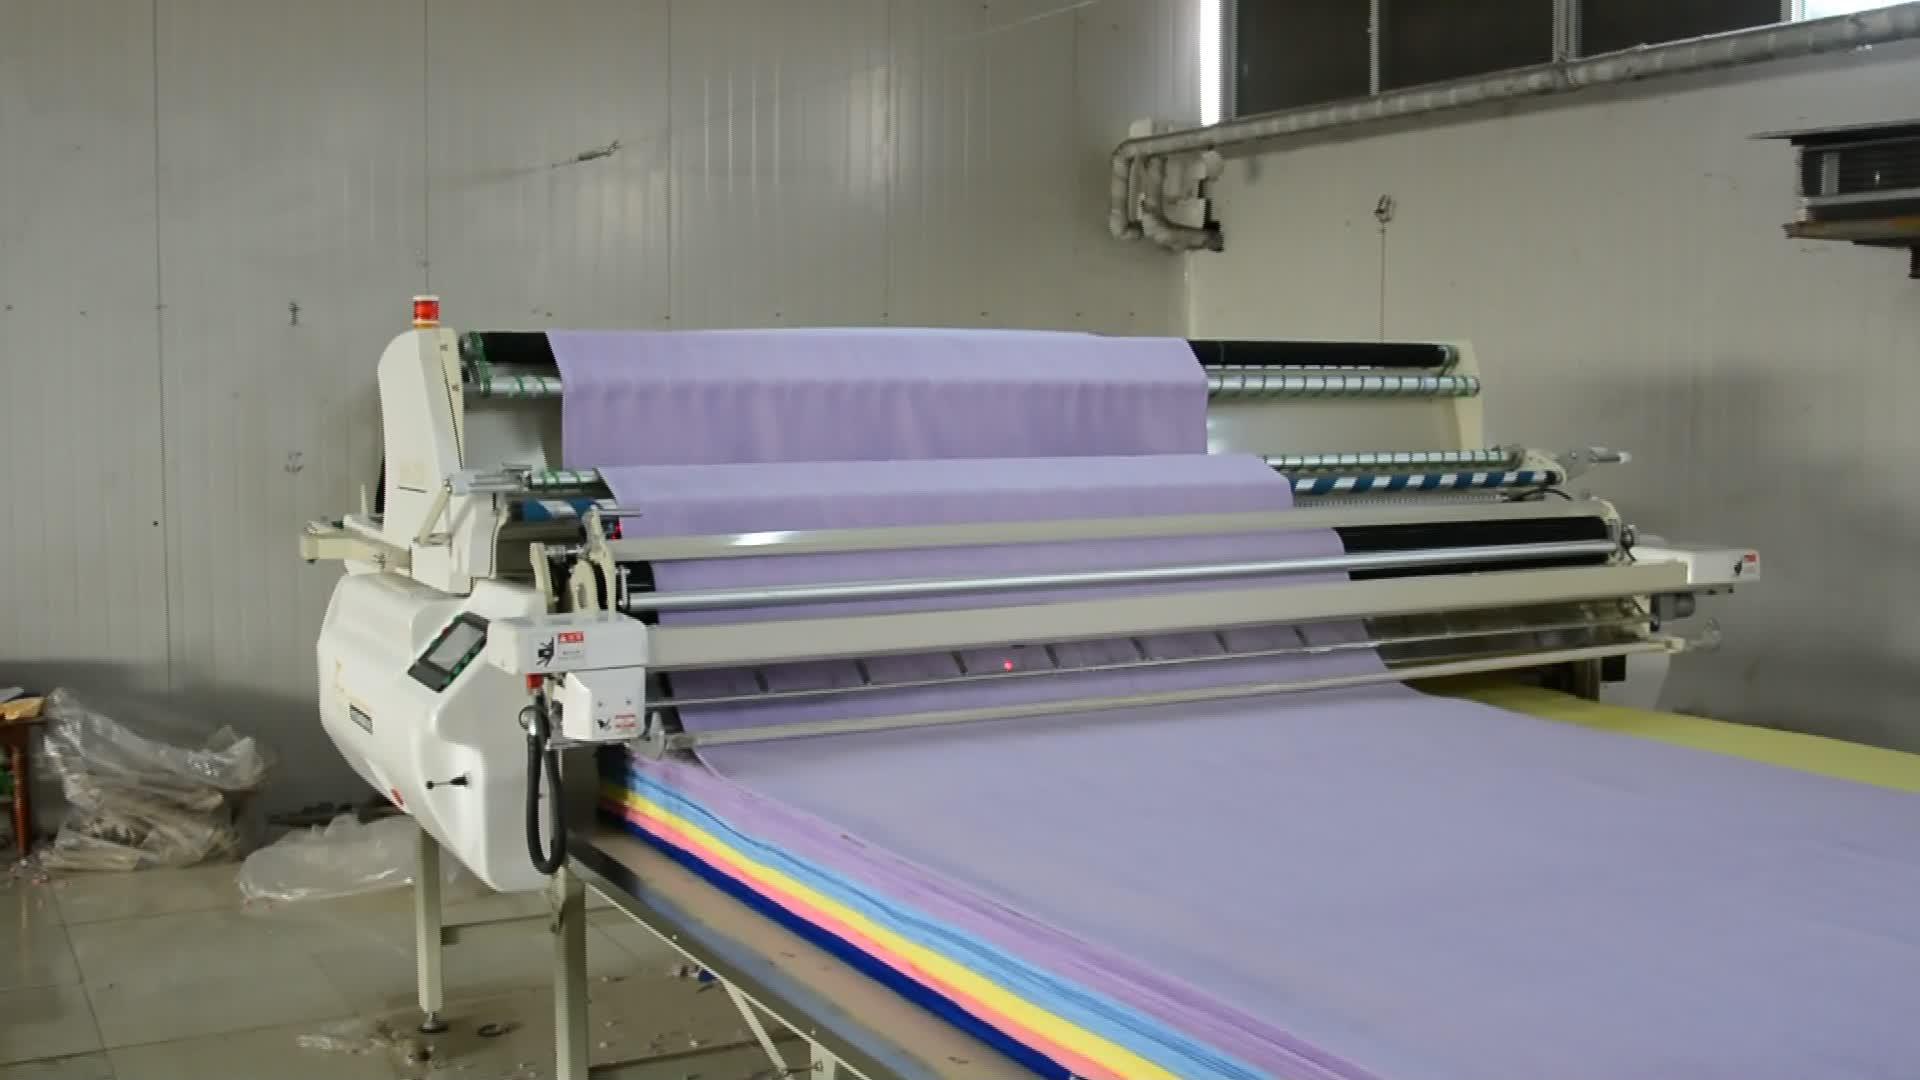 Chine fournisseurs serviette de salon de coiffure en microfibre serviette à séchage rapide